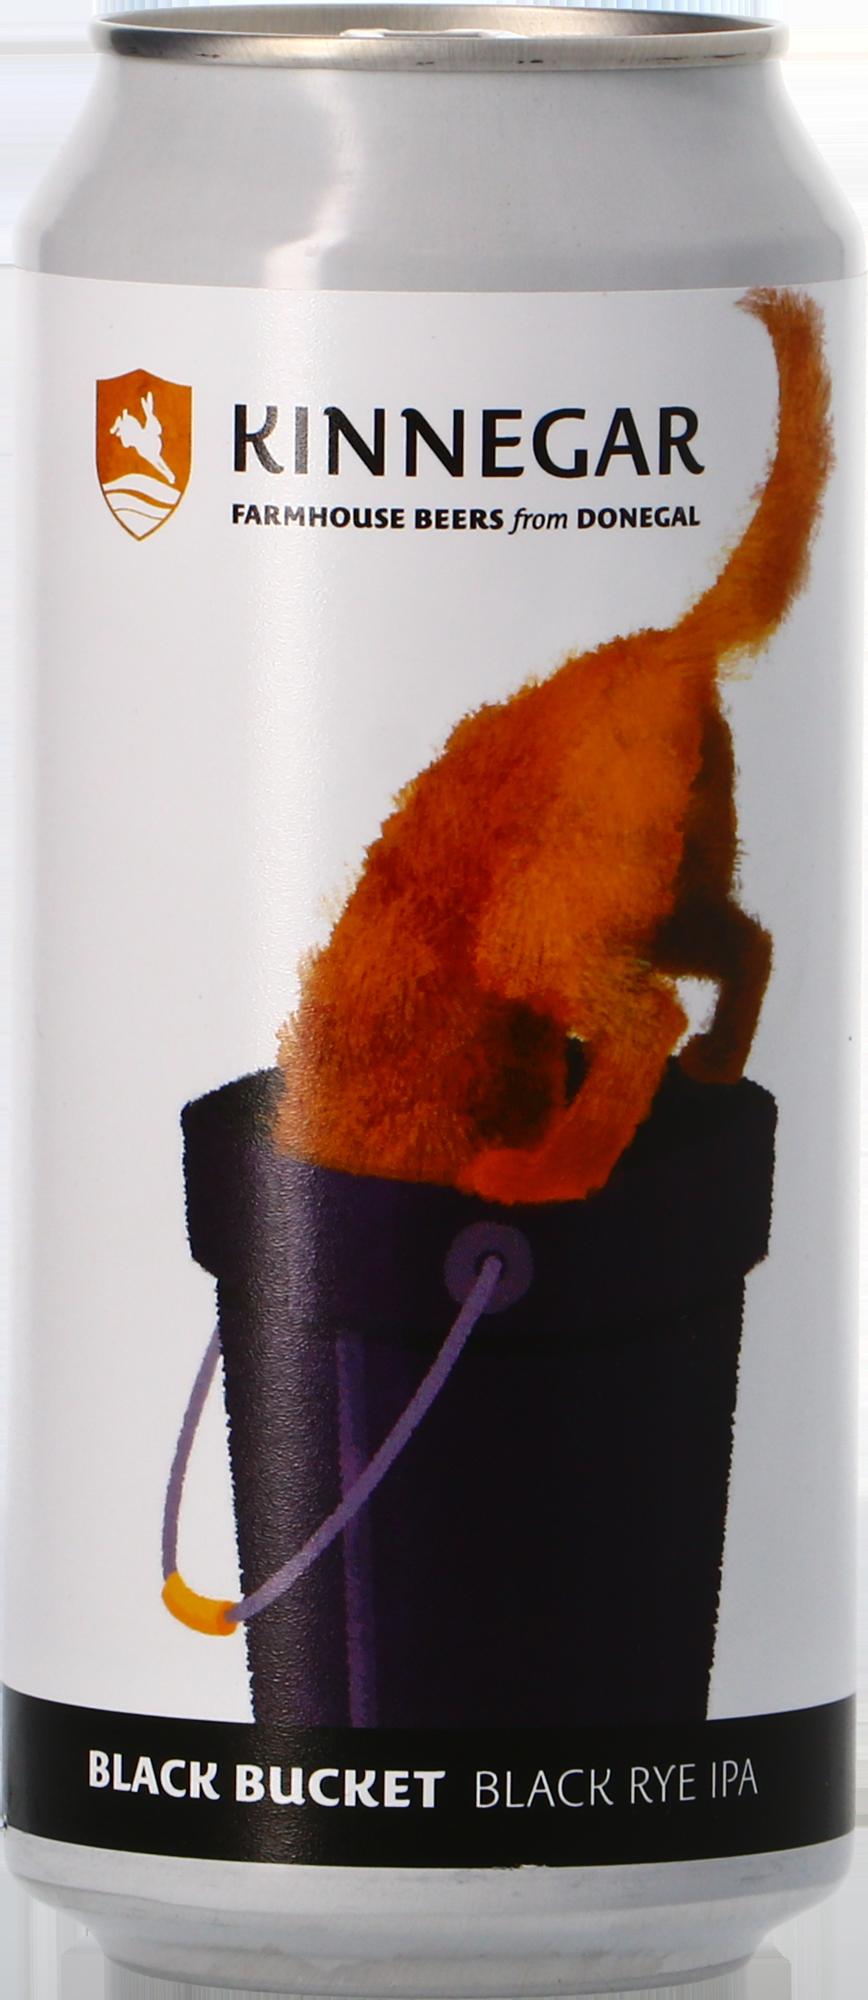 Kinnegar Black Bucket